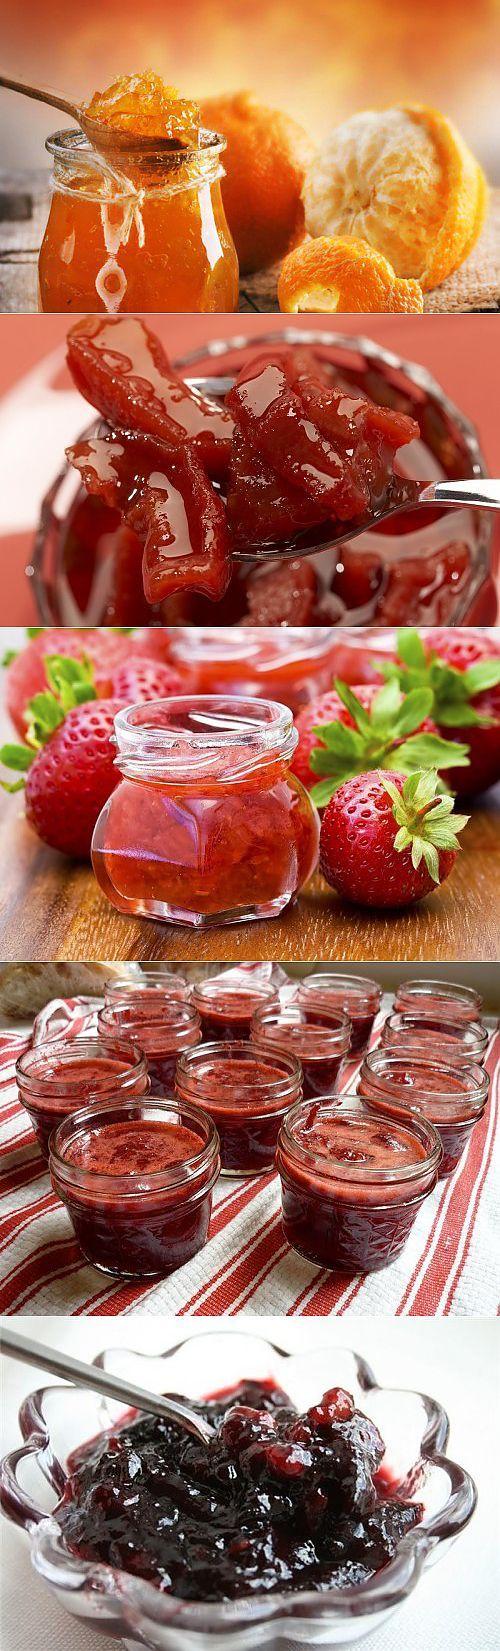 Фруктовые и ягодные джемы: 7 самых вкусных